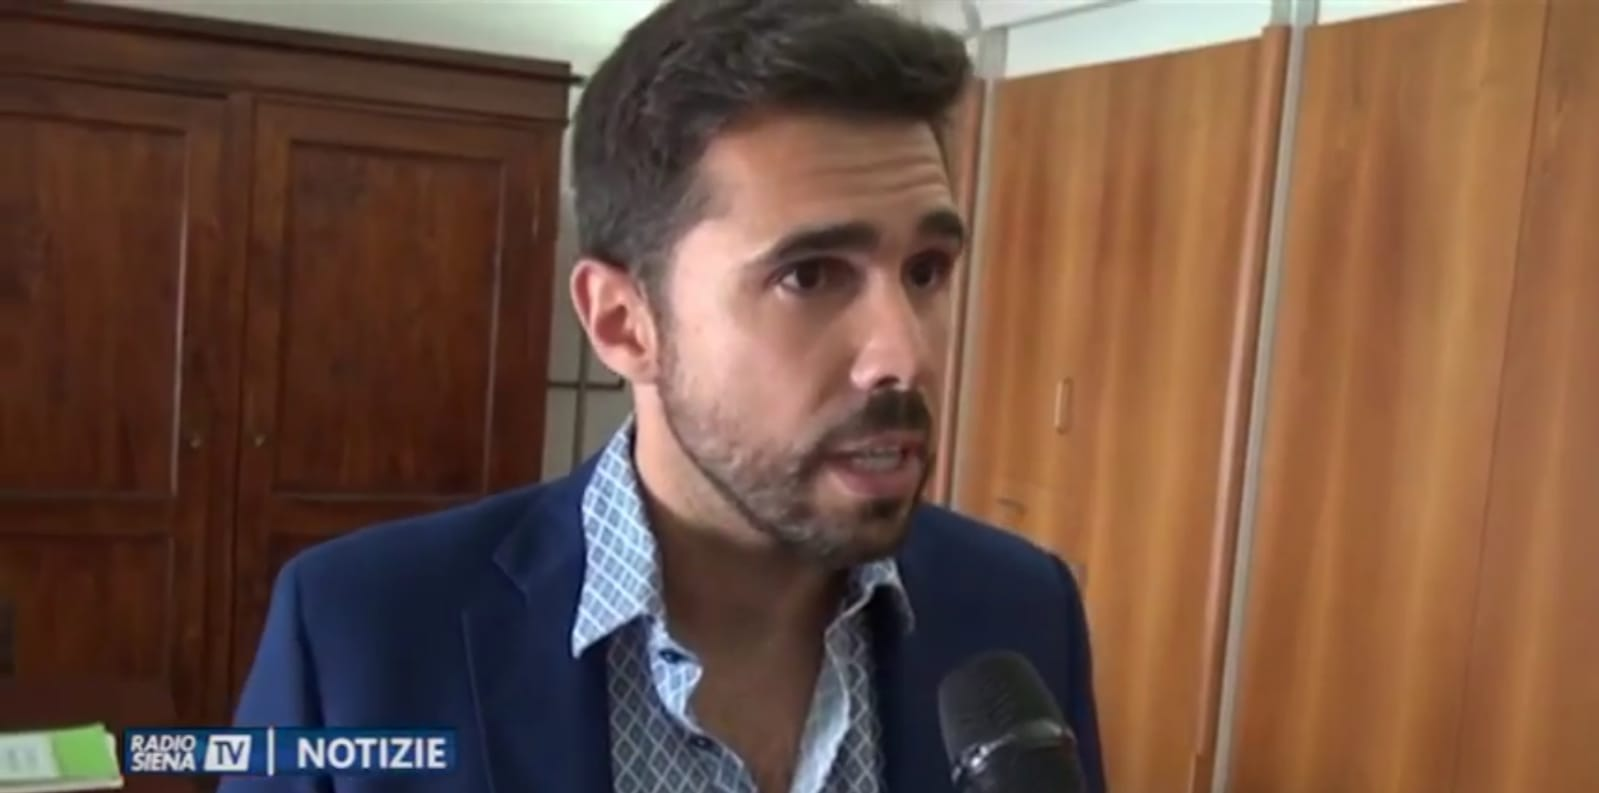 """Michelotti su sicurezza: """"Vicini al Palio. Rivedremo la sicurezza in Piazza alla luce delle nuove direttive del Ministero dell'Interno"""""""